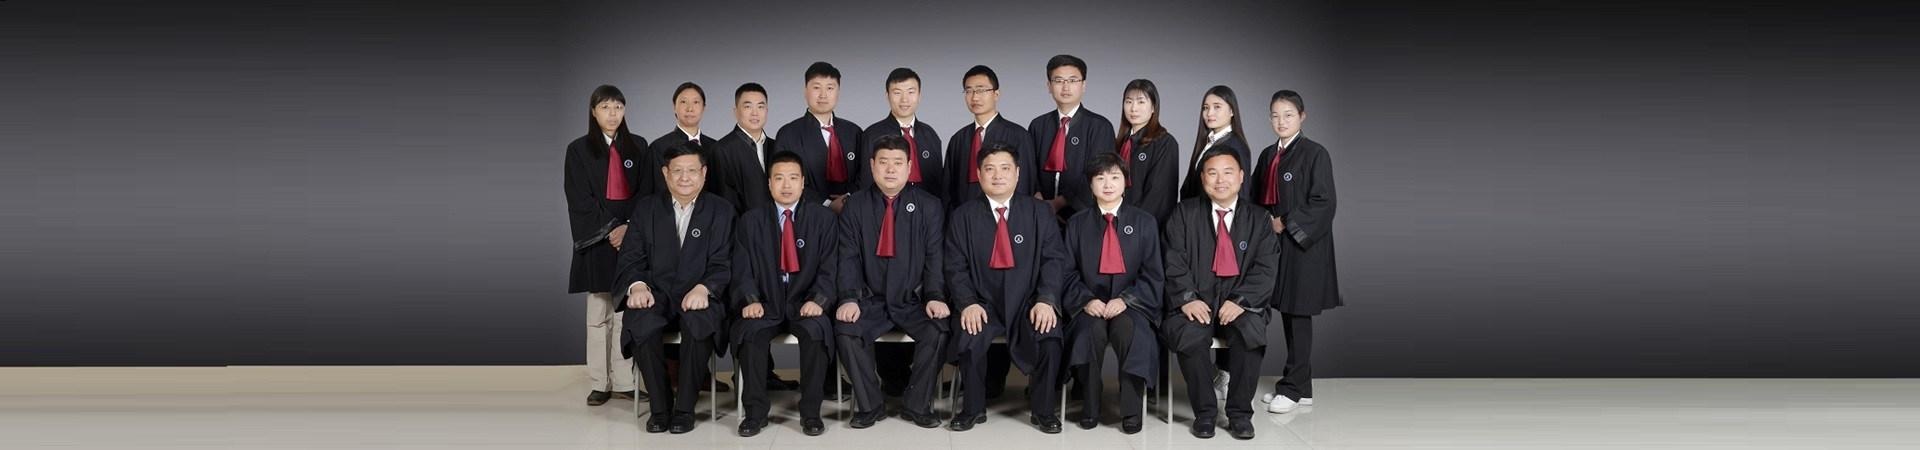 邯郸律师222